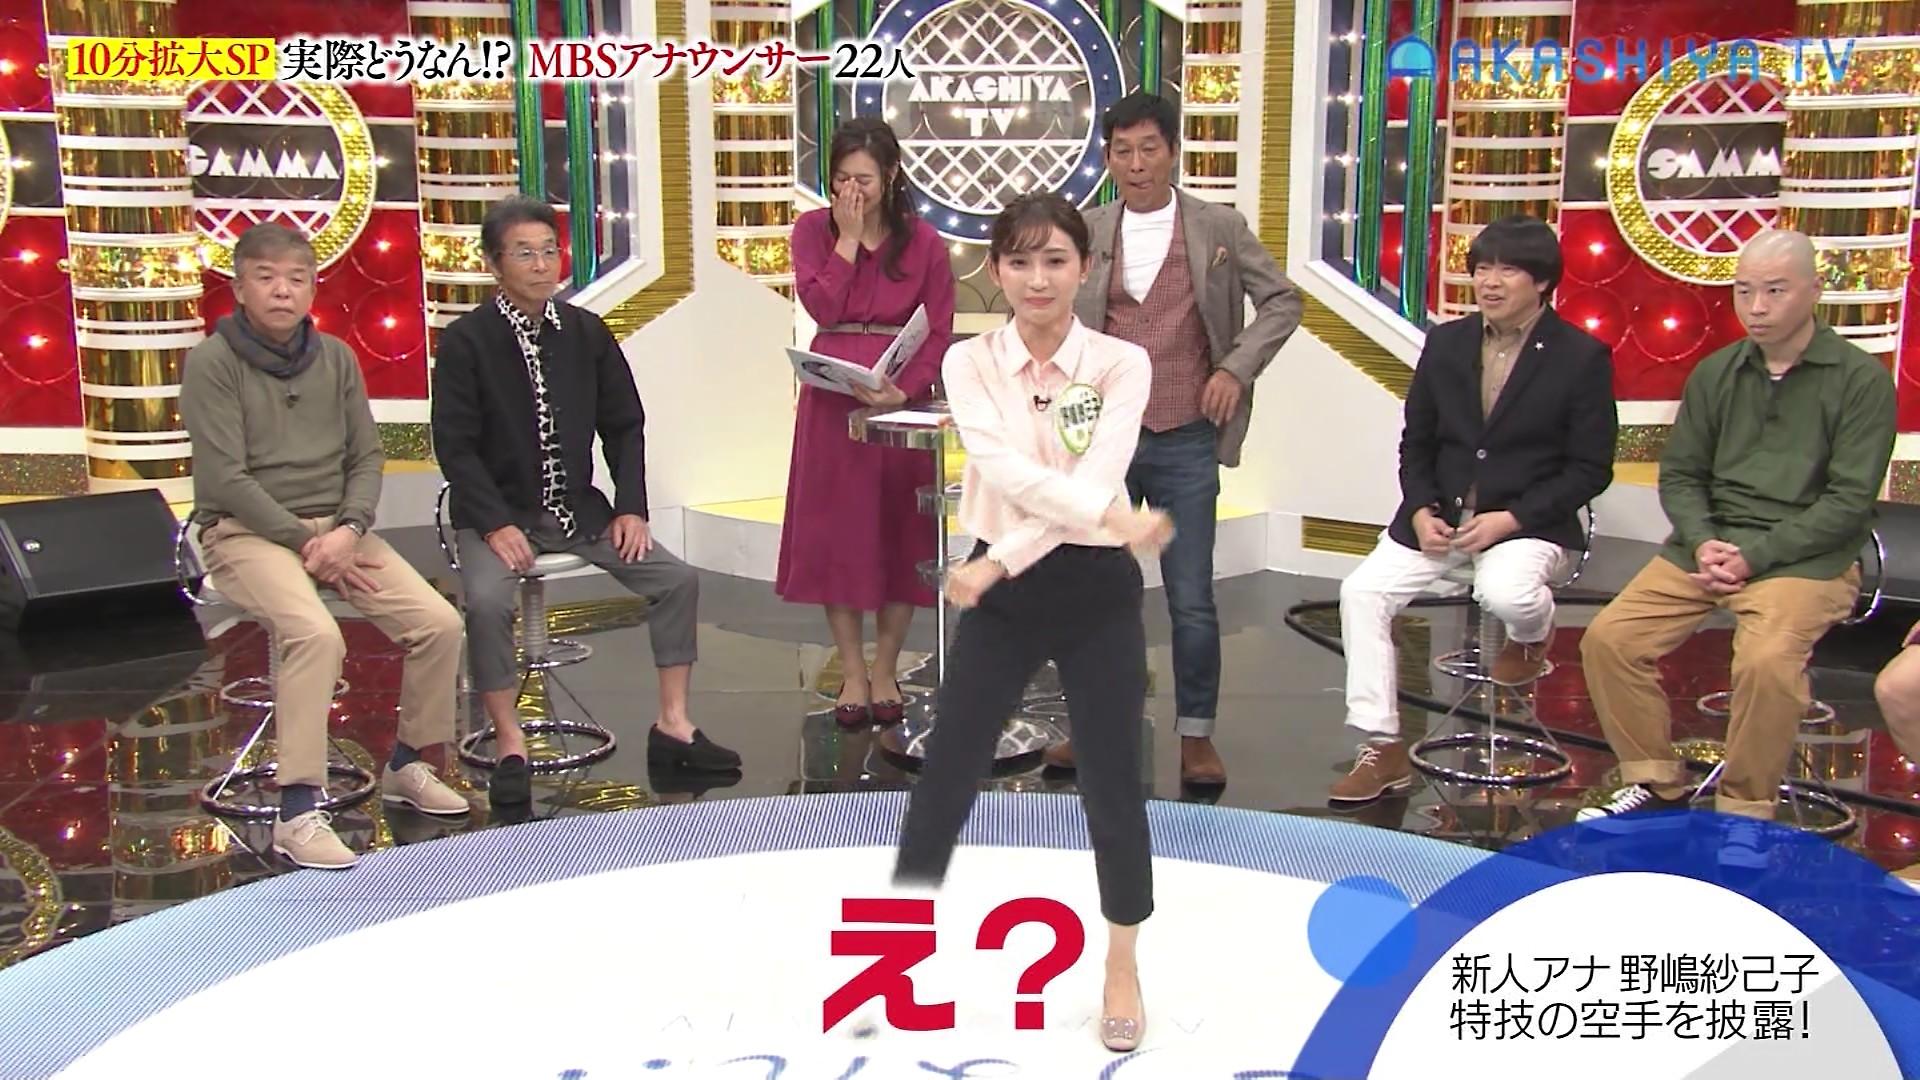 2019年11月25日に放送された「明石家電視台」に出演した女子アナ・野嶋紗己子さんのテレビキャプチャー画像-028